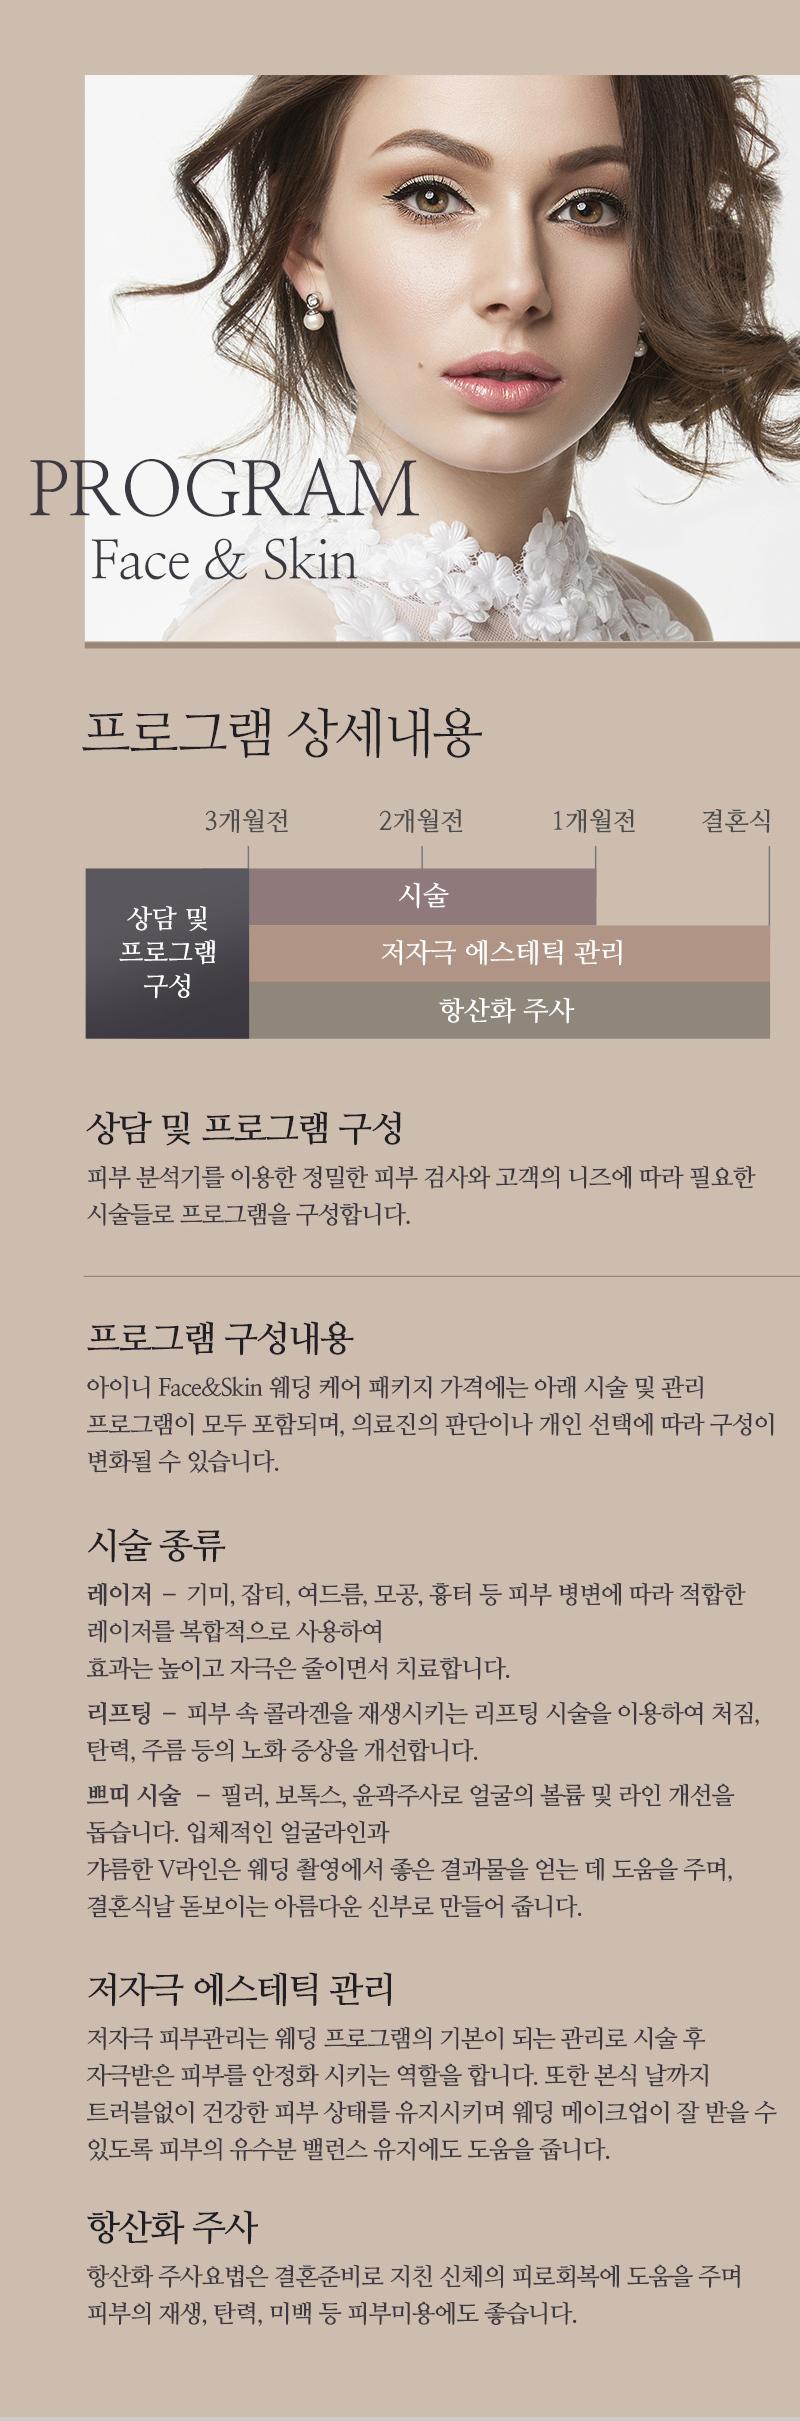 D event info 000fe5fce0936f7d7e